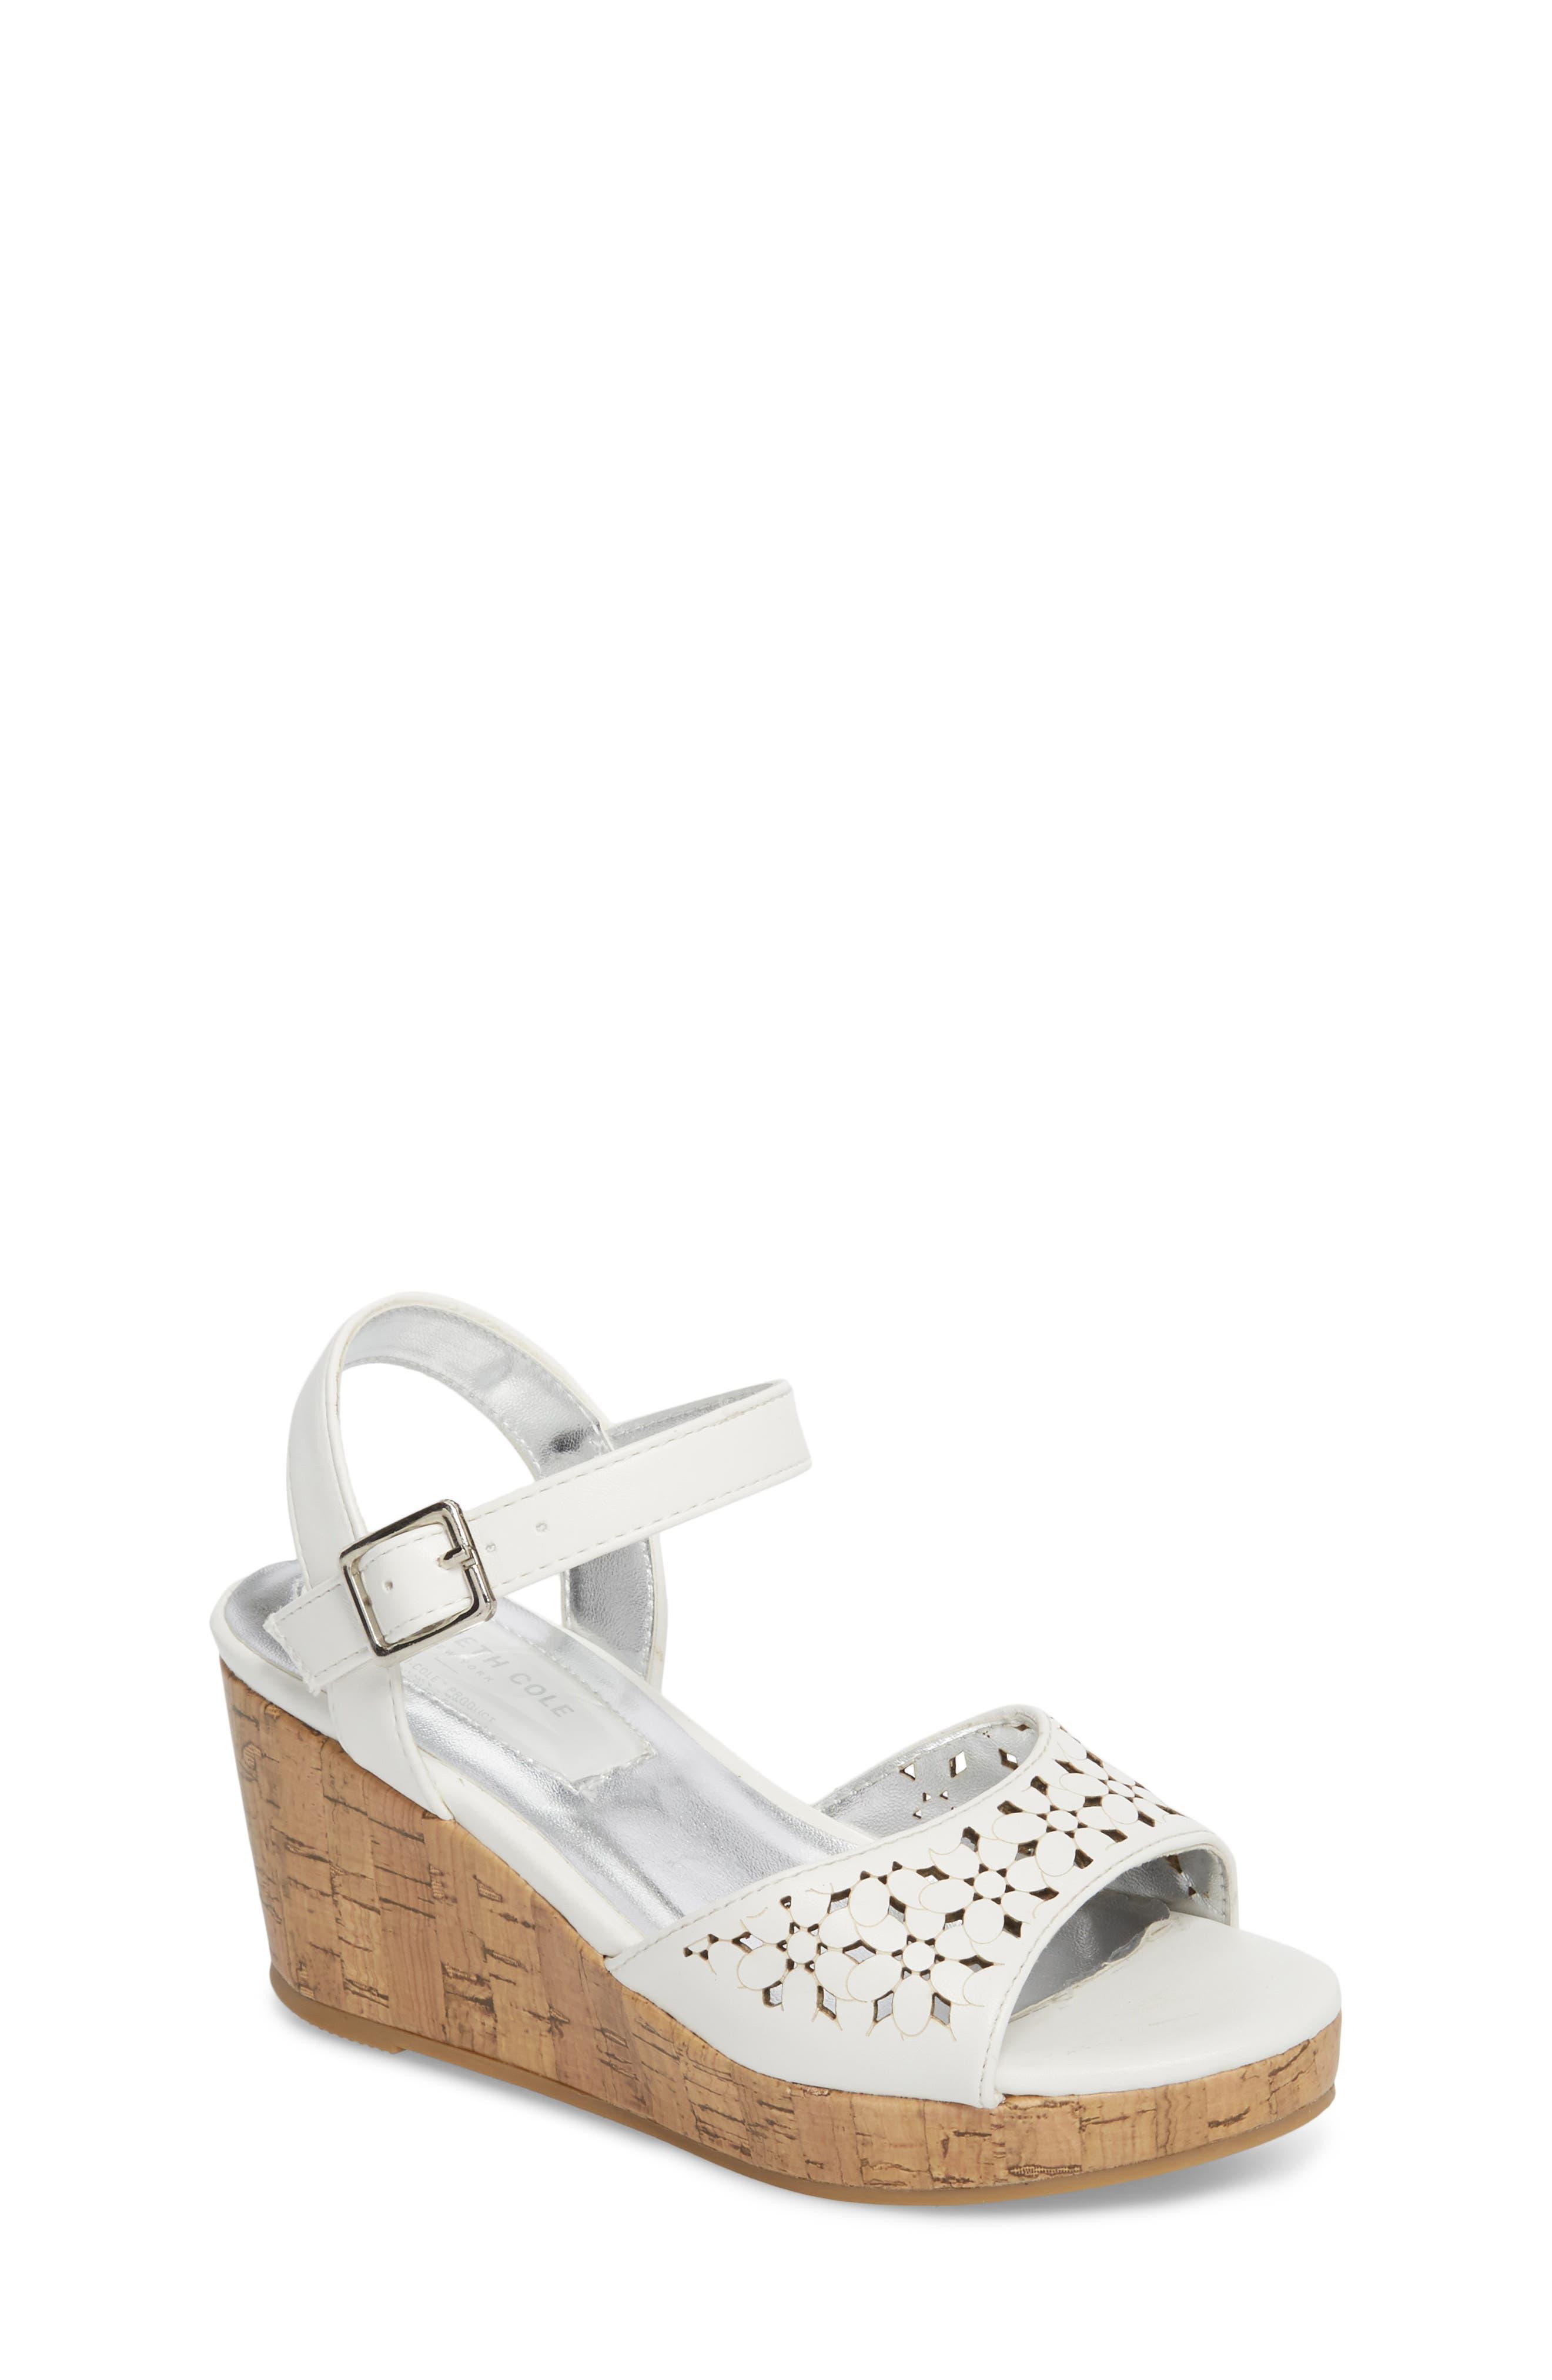 Corrine Flower Wedge Sandal,                         Main,                         color, White